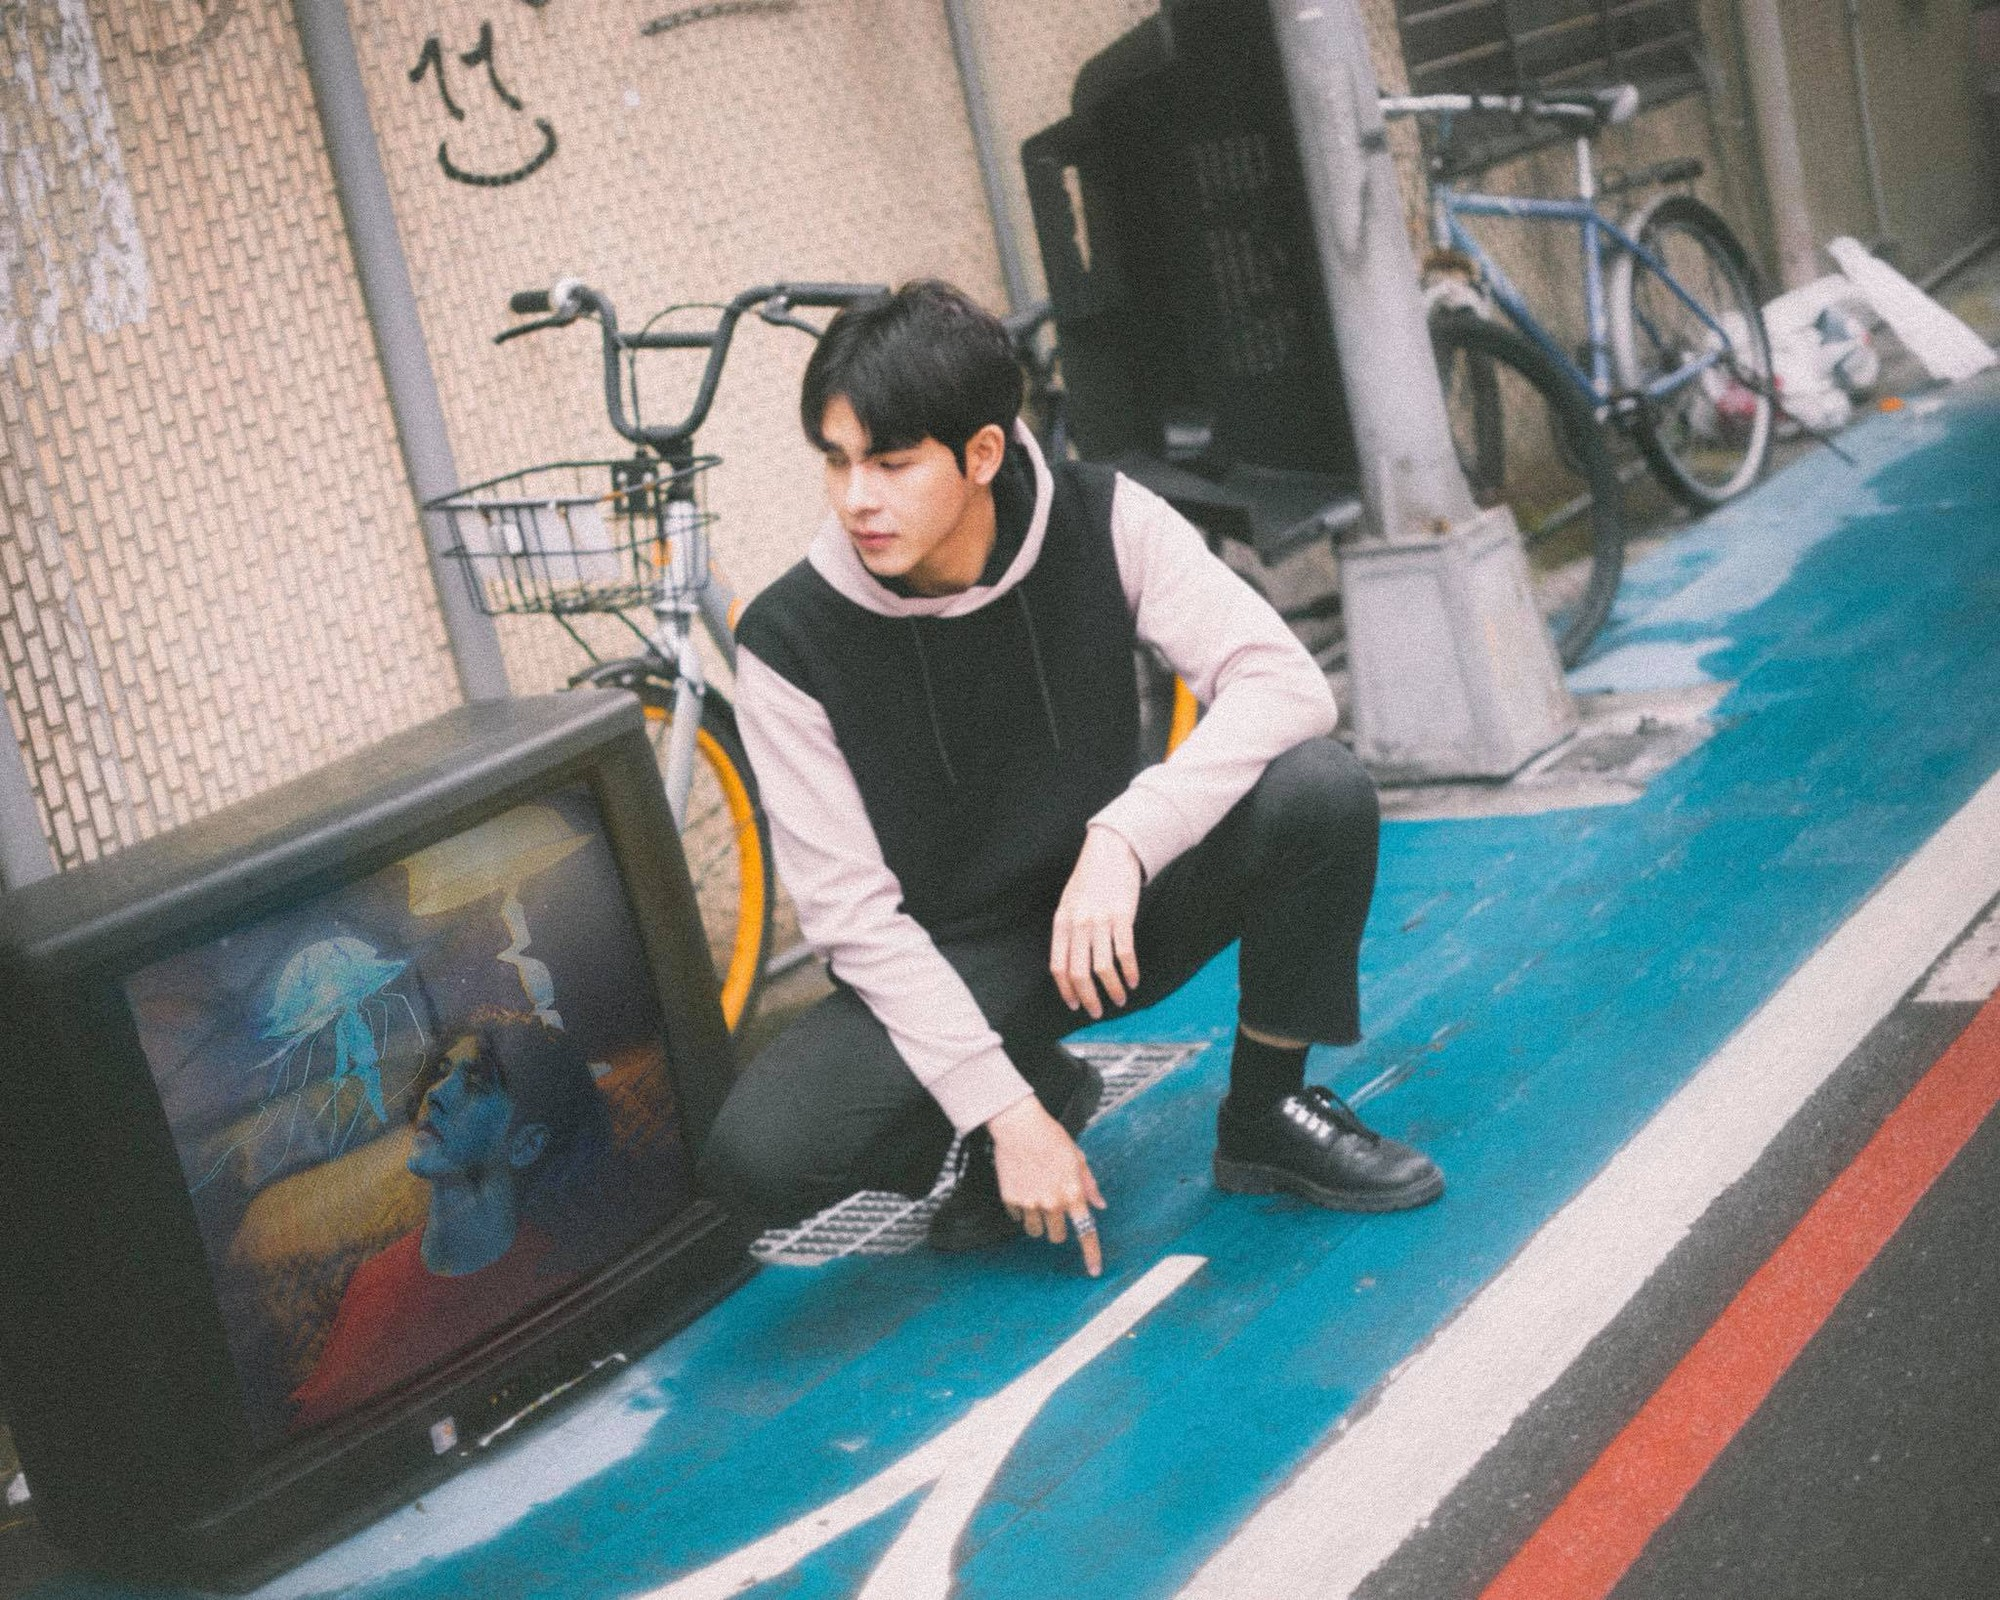 Nam chính trong MV mới của Hoàng Yến Chibi: Vừa đẹp trai, cao ráo như người mẫu lại còn ôm luôn cả vị trí giám đốc sáng tạo - Ảnh 6.